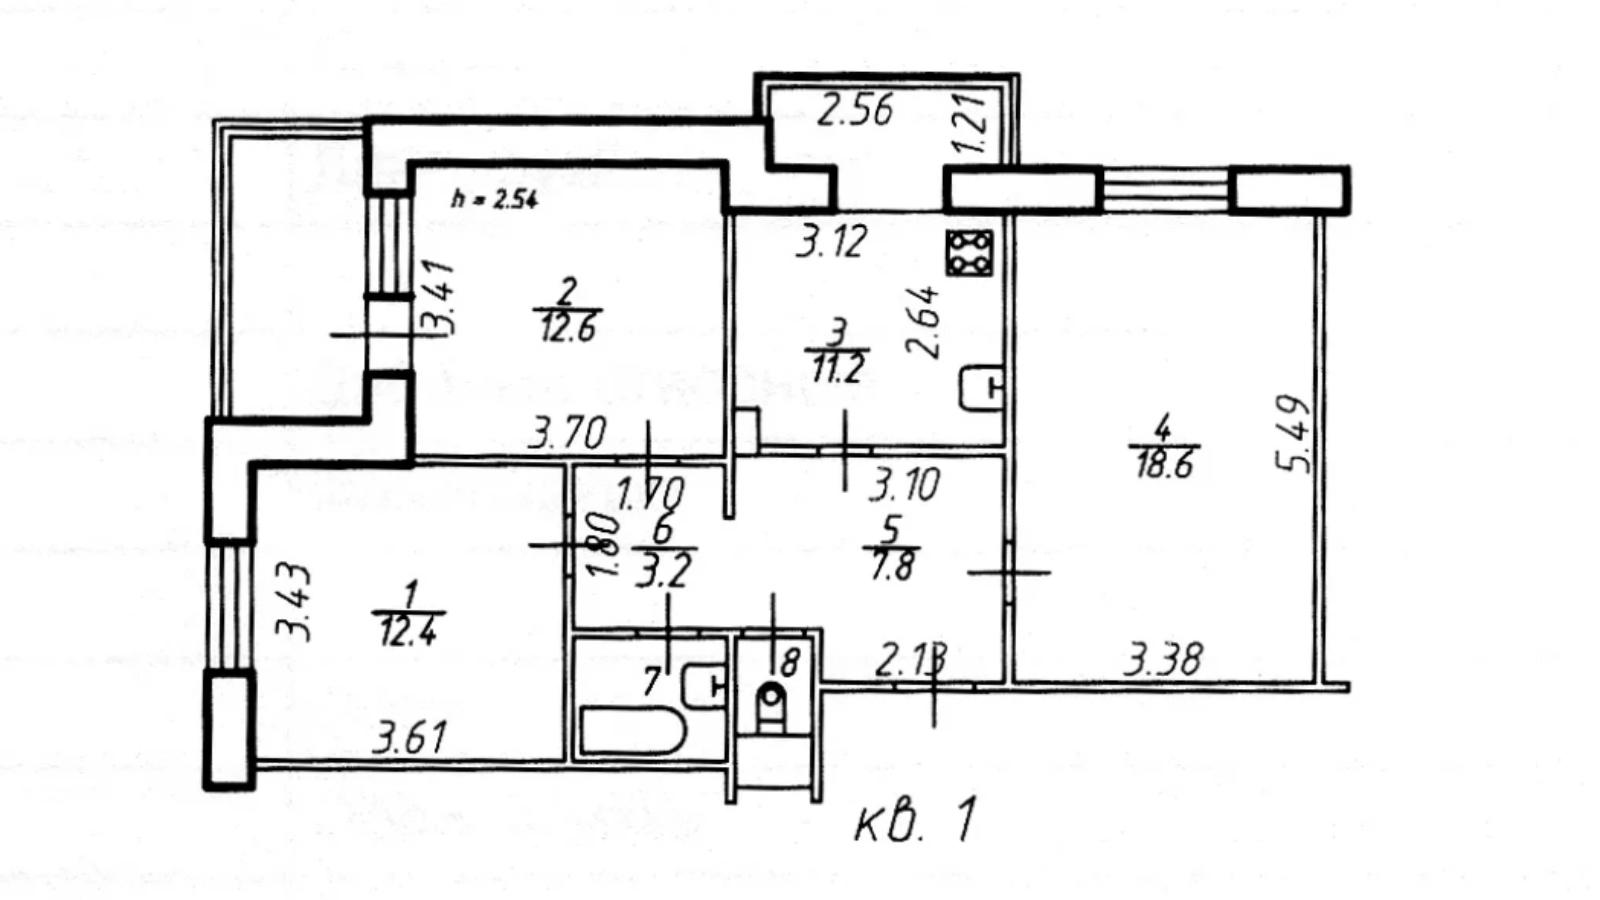 Получение технического плана на дом